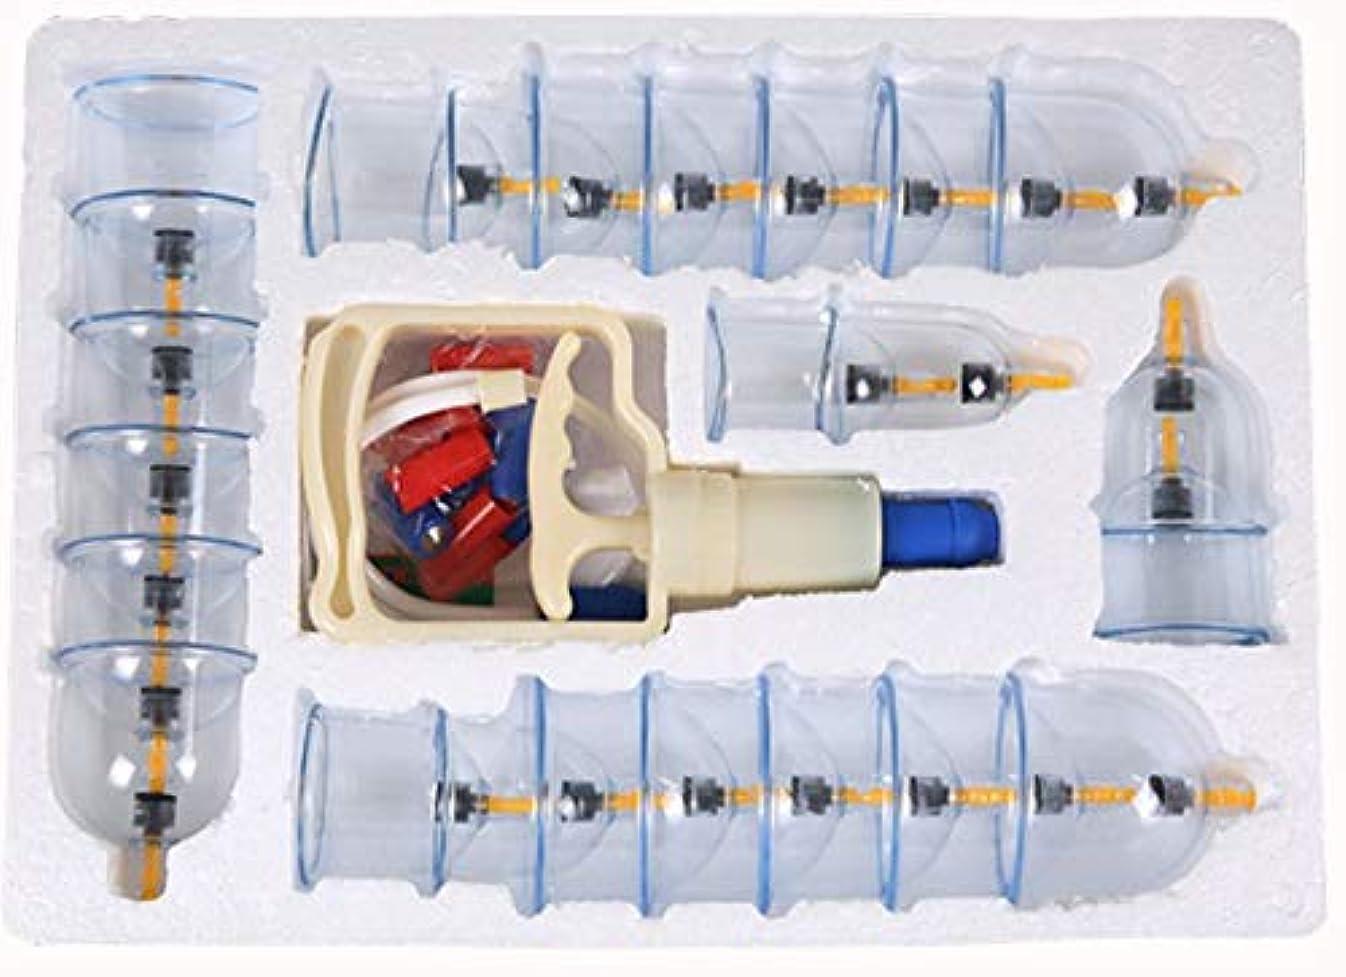 蓮リレー火曜日(ラフマトーン) カッピング 吸い玉 大きいカップが多い 吸い玉 5種 24個セット 磁針 12個 関節用カップ付 脂肪吸引 自宅エステ